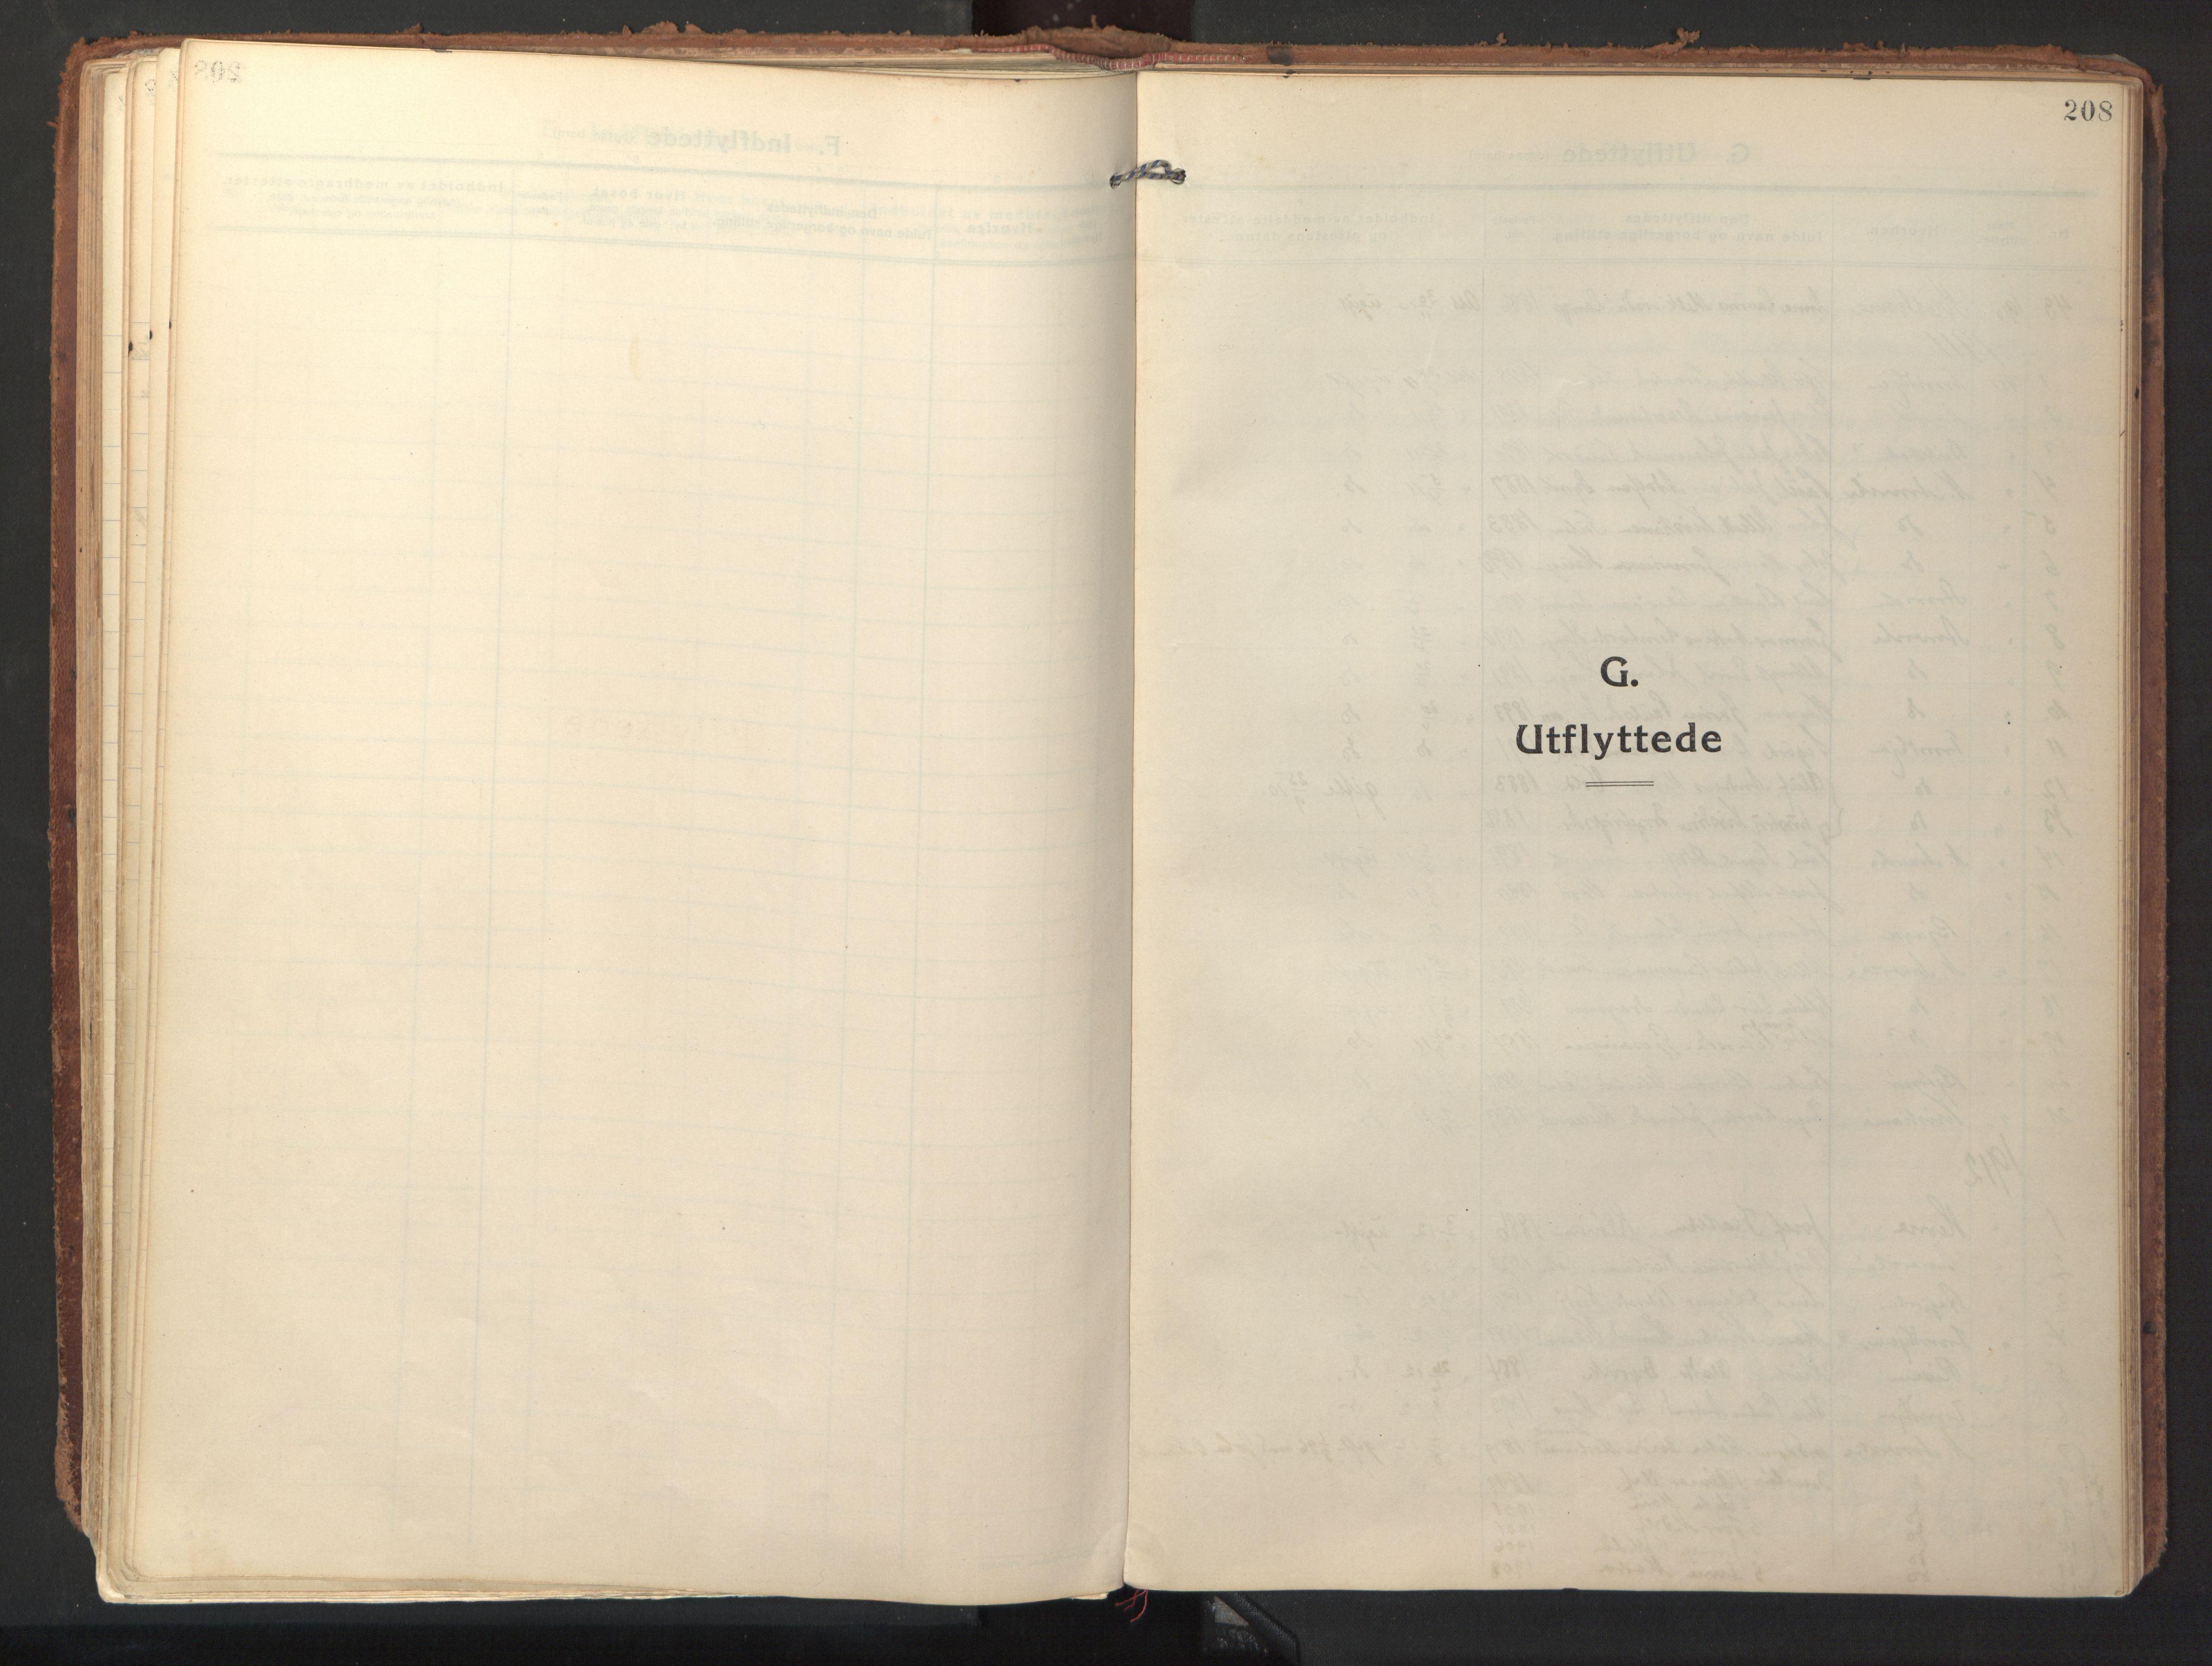 SAT, Ministerialprotokoller, klokkerbøker og fødselsregistre - Sør-Trøndelag, 640/L0581: Ministerialbok nr. 640A06, 1910-1924, s. 208